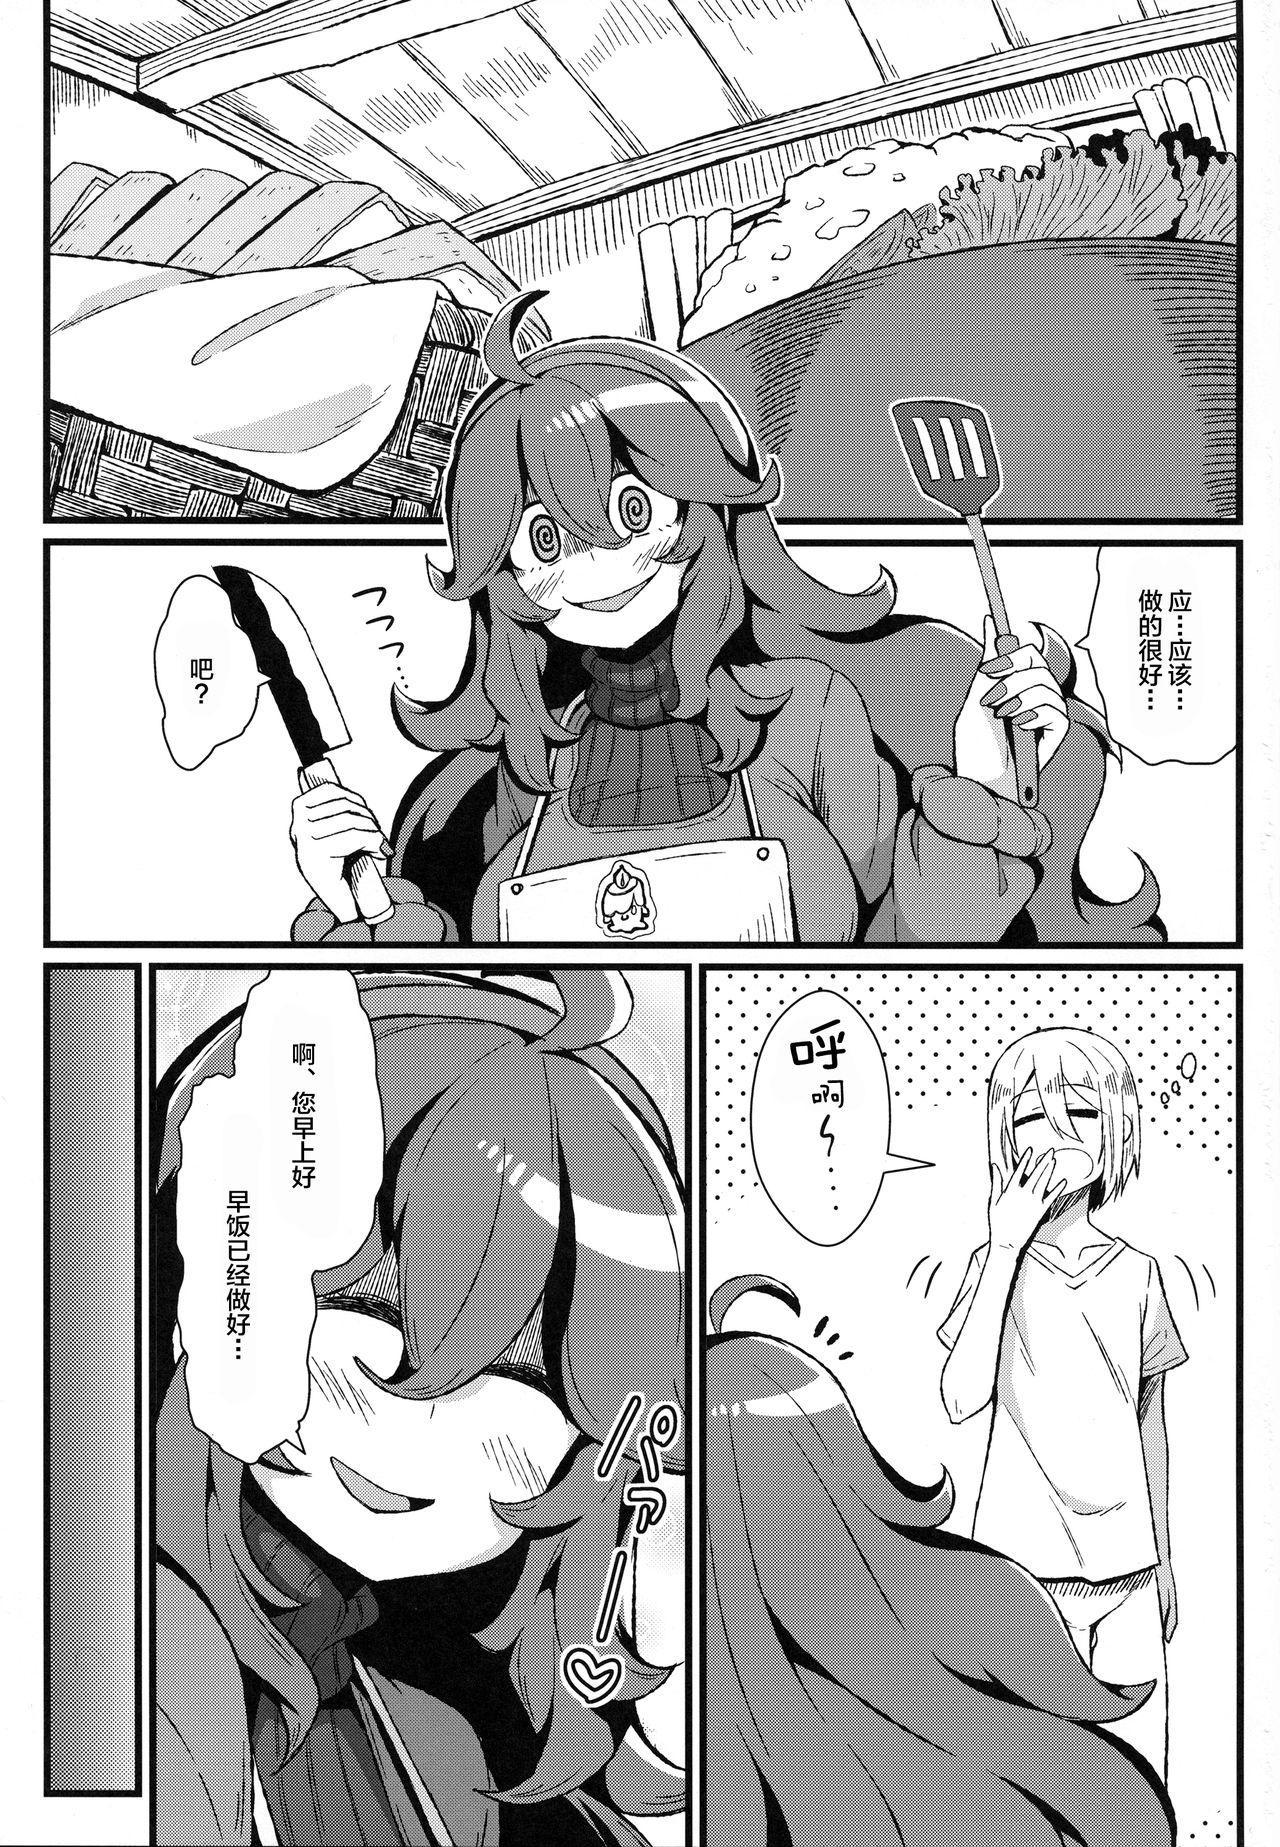 Tomodachi? Maniac 03 3